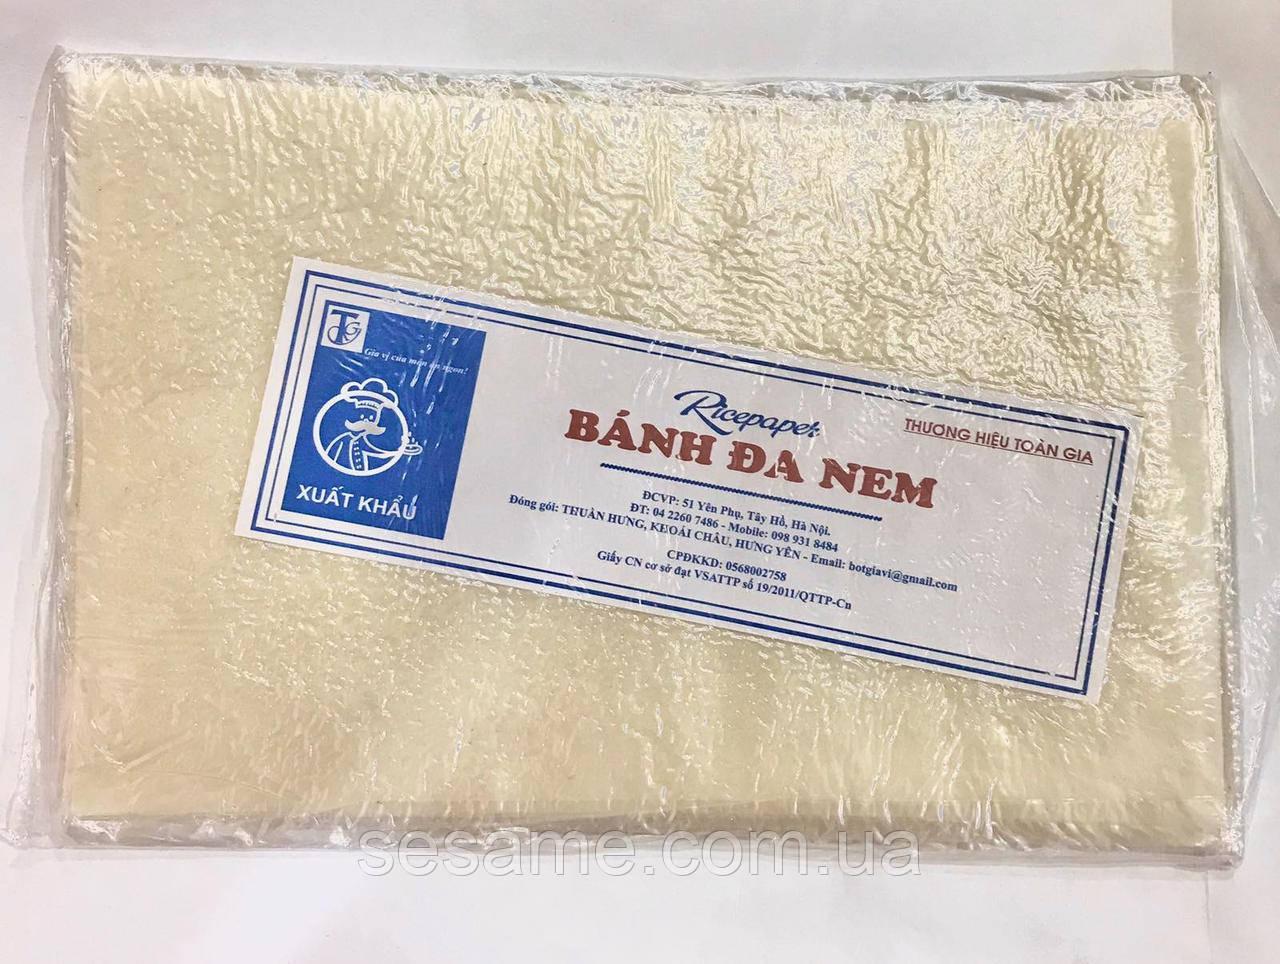 Рисовий папір Rice Paper Banh Da Nem 100 грам (В'єтнам)